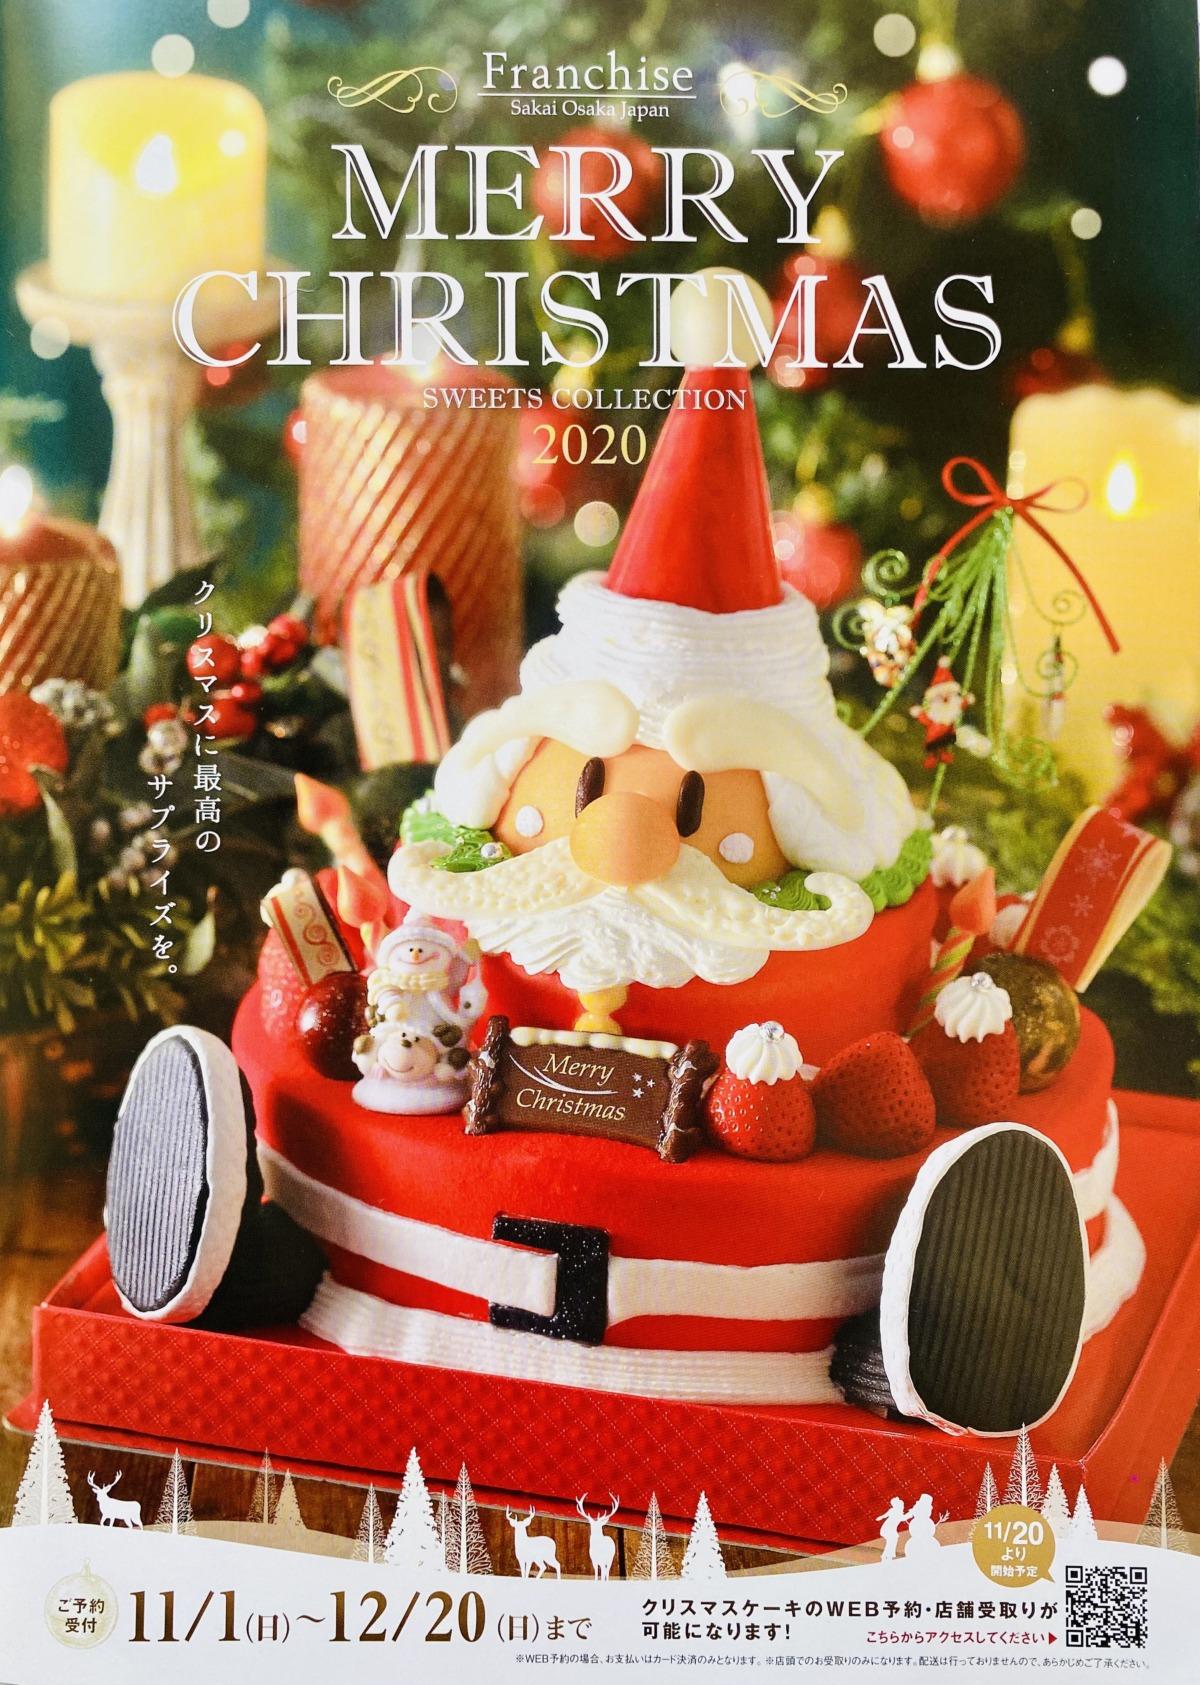 間もなく締切!フランシーズのクリスマスケーキ予約は12/20(日)まで!: